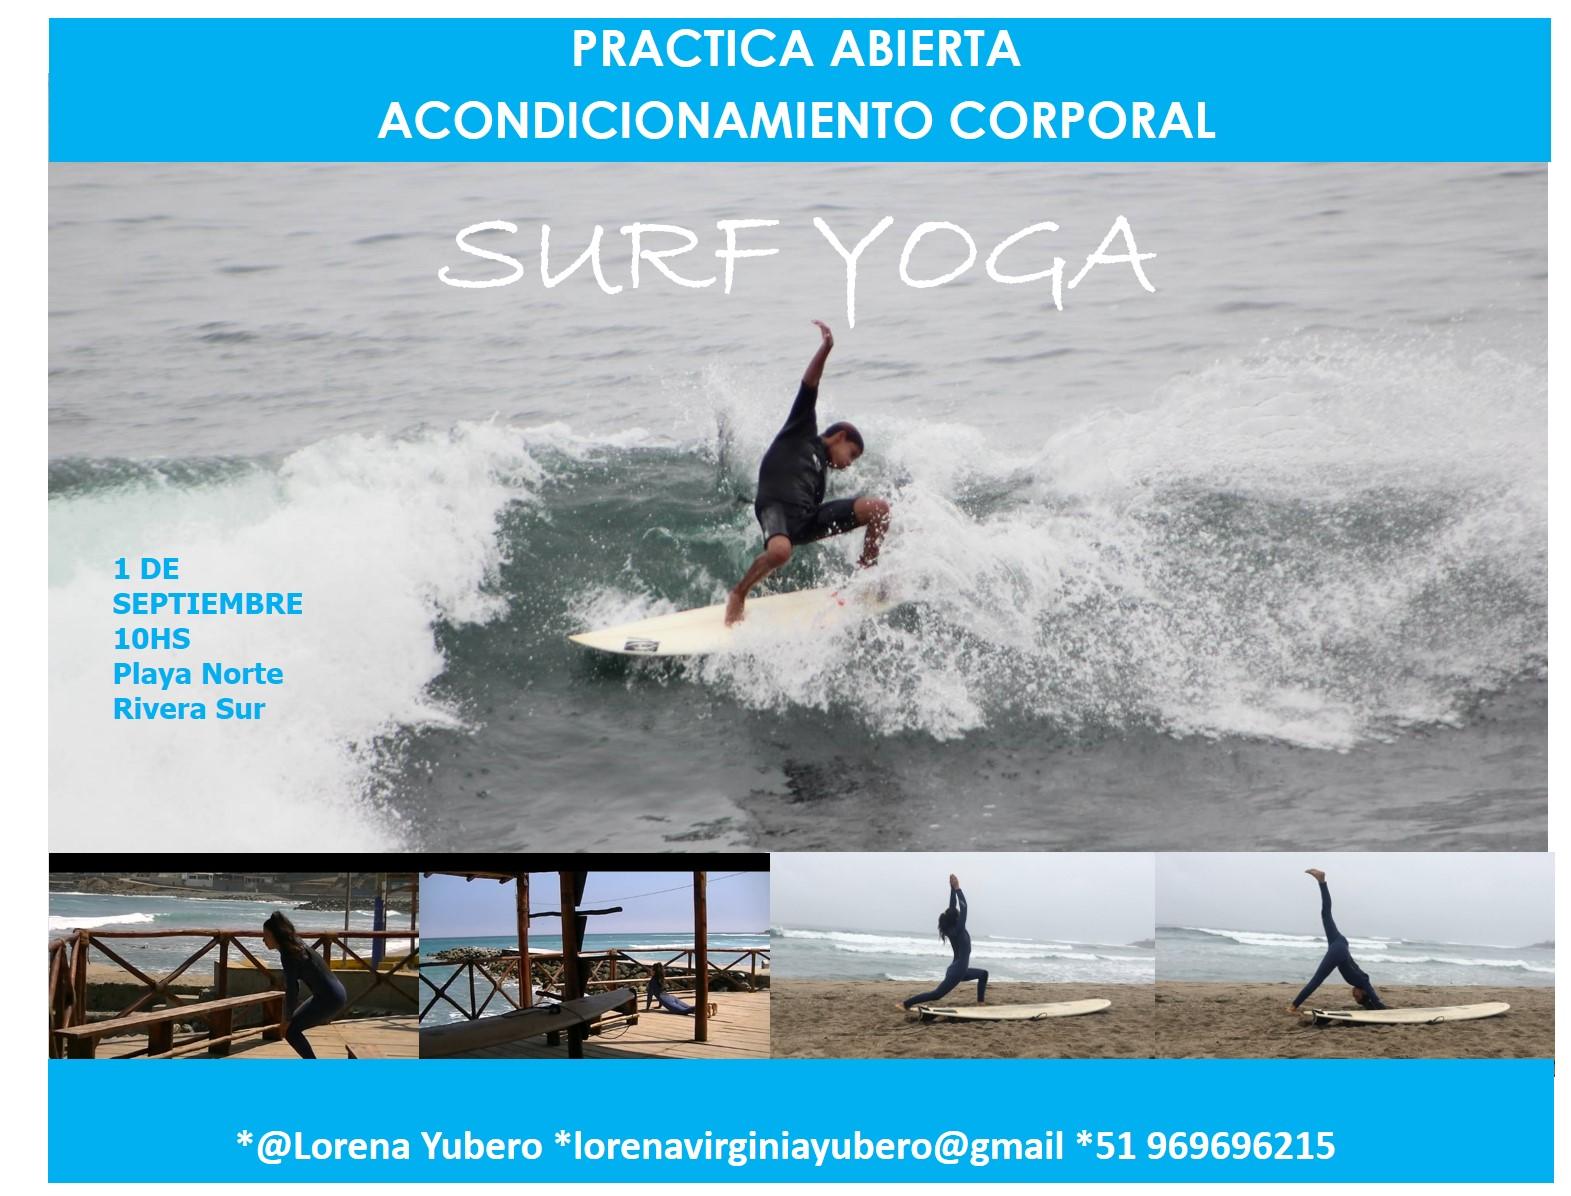 Clase abierta de acondicionamiento corporal para la práctica de surf-yoga